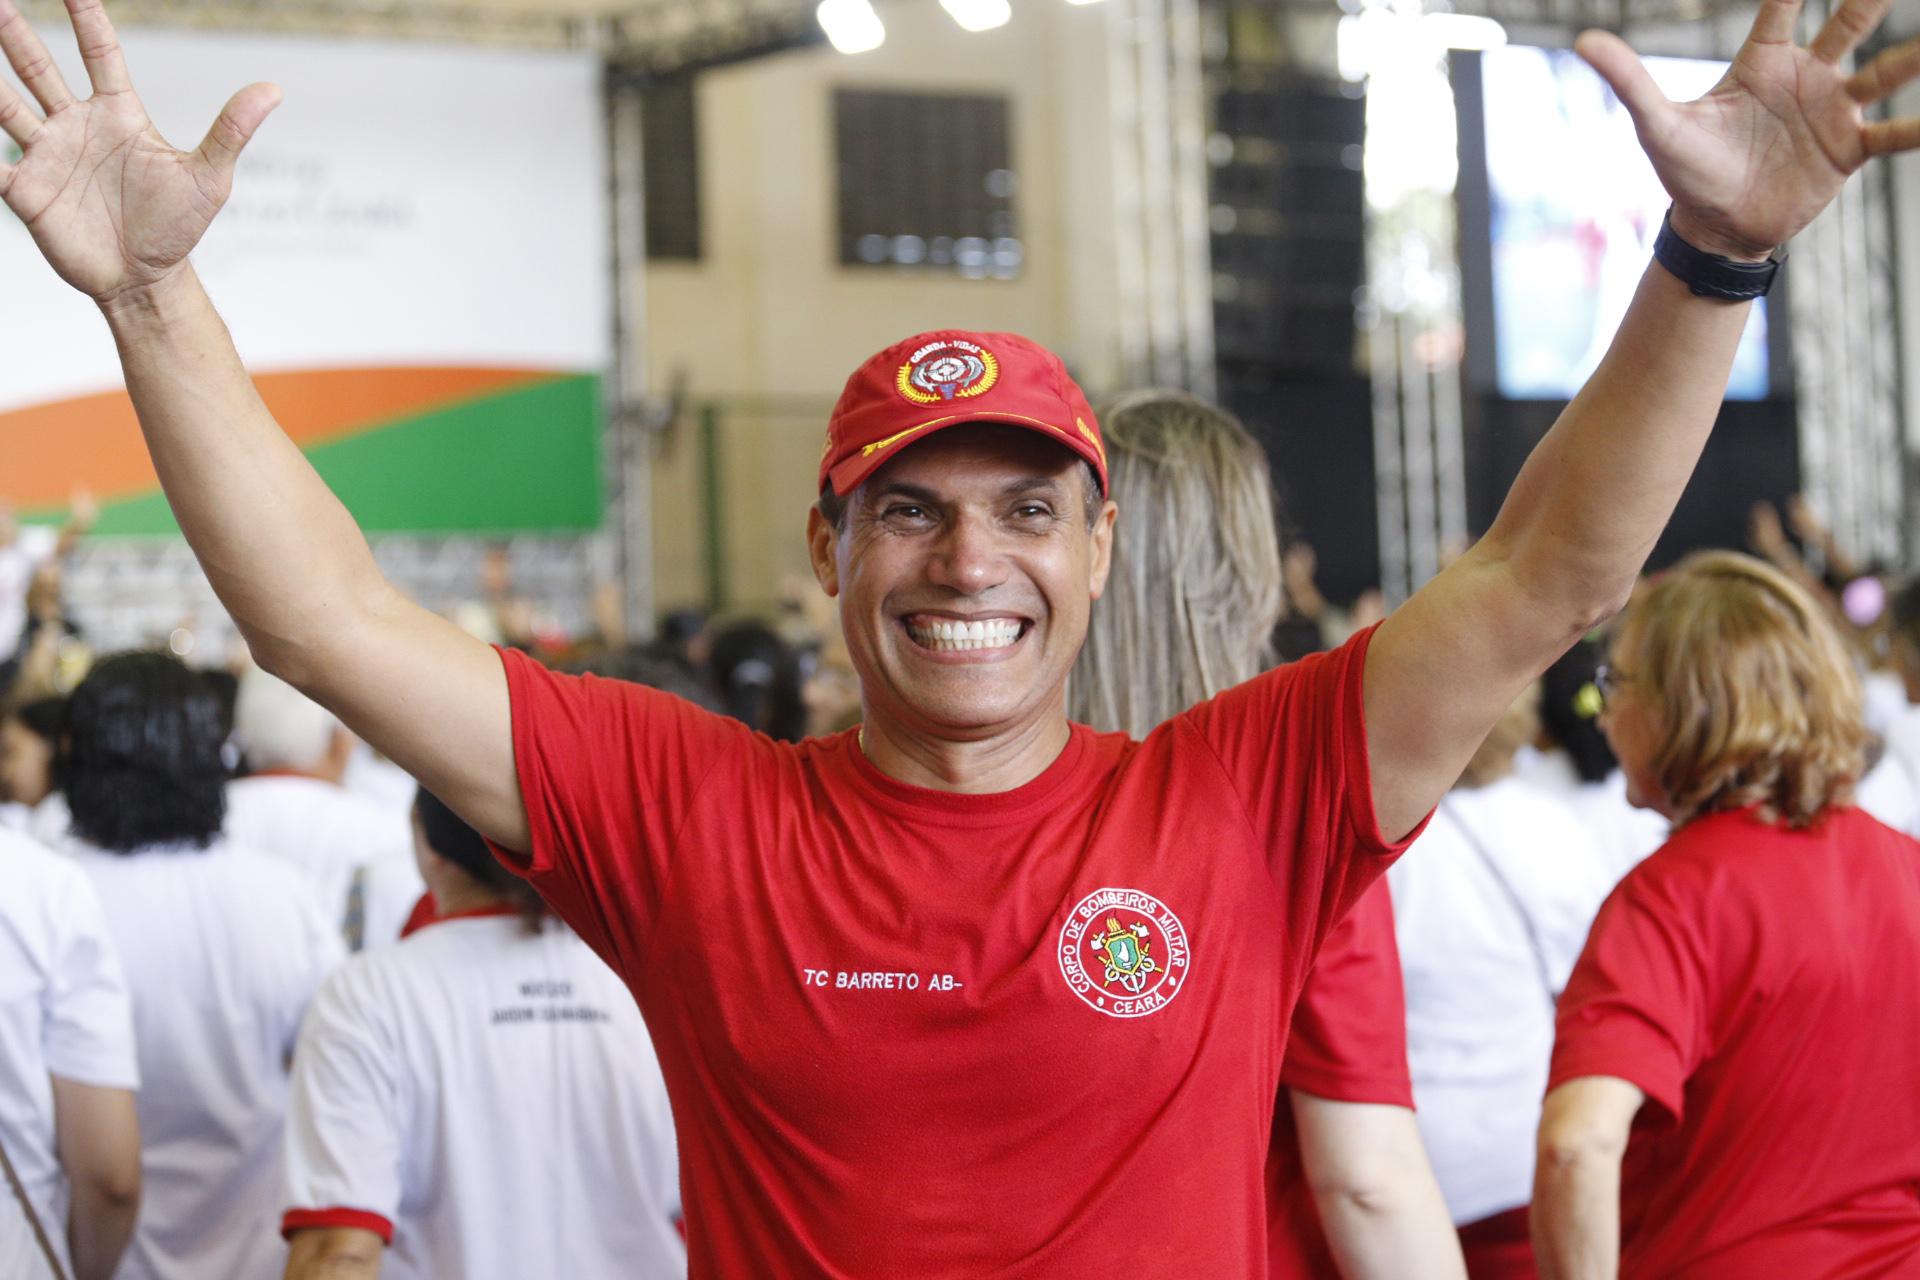 Tenente Coronel Barreto posa para foto com largo sorriso e braços erguidos© TIAGO STILLE/ GOV. DO CEARA